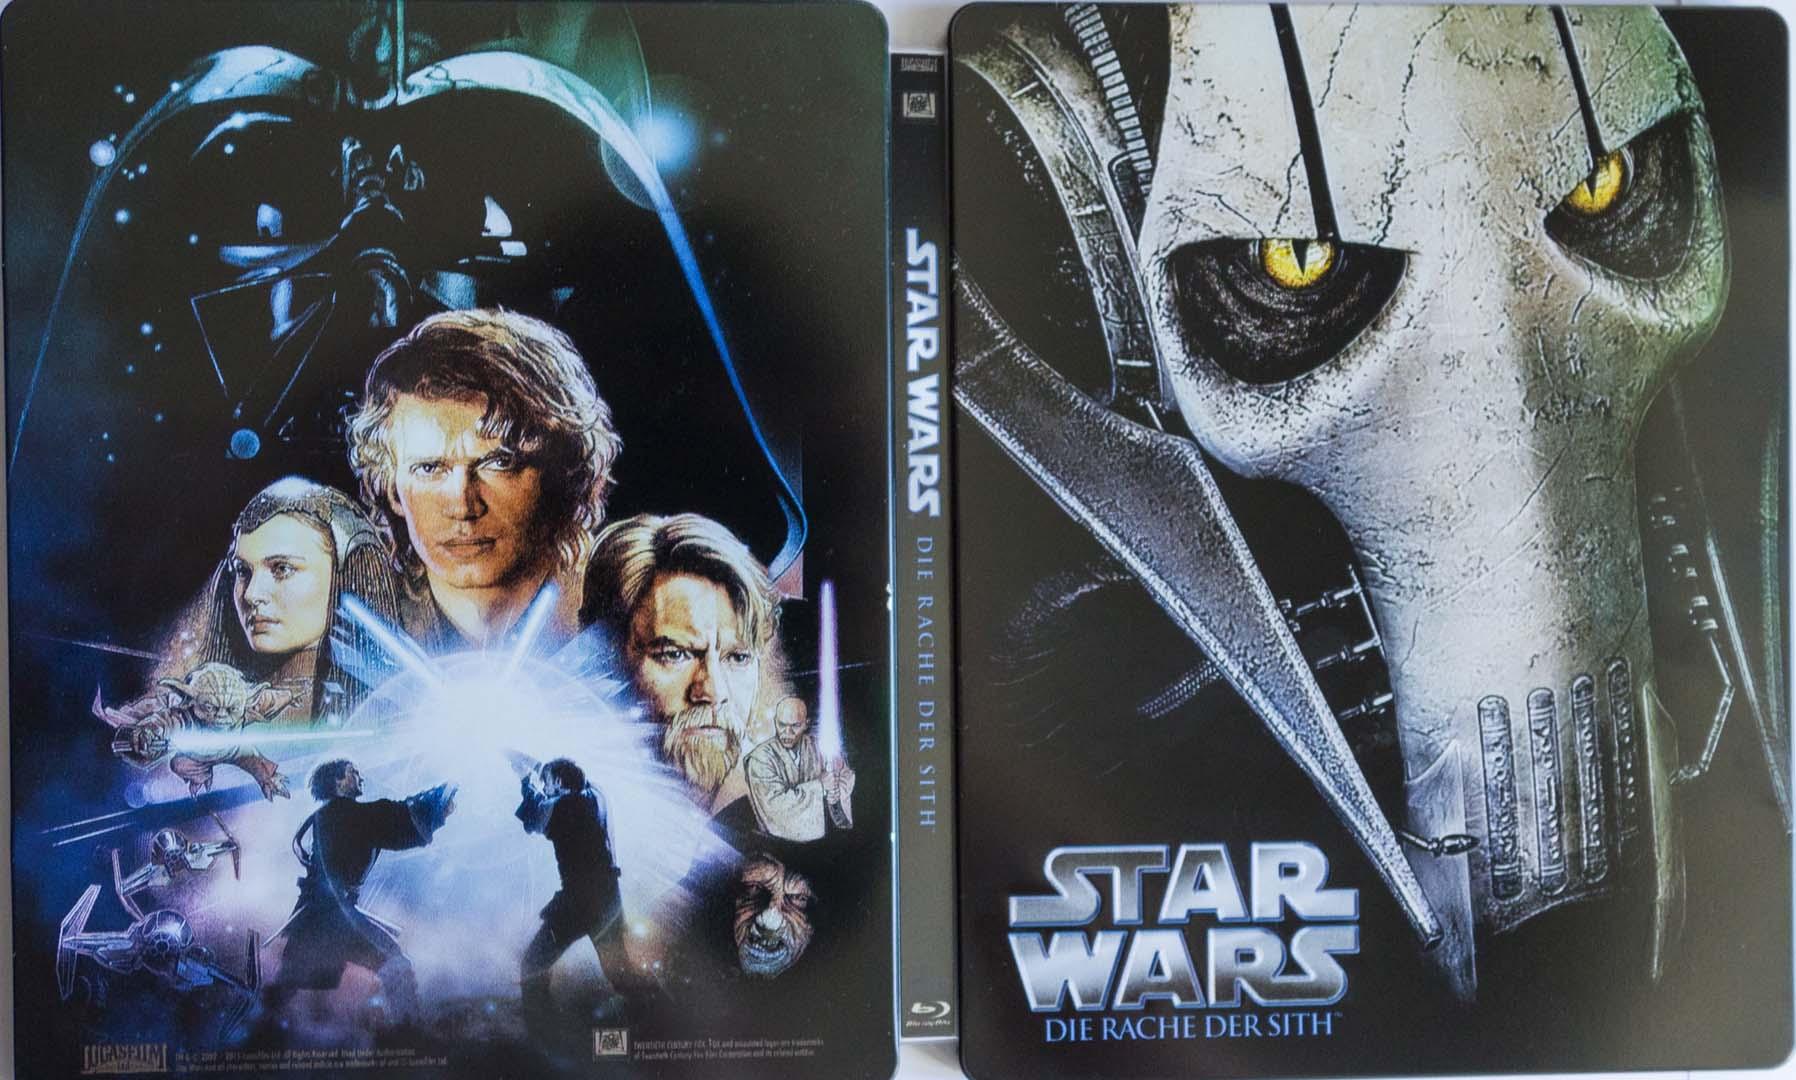 Star Wars Episode III Steelbook06